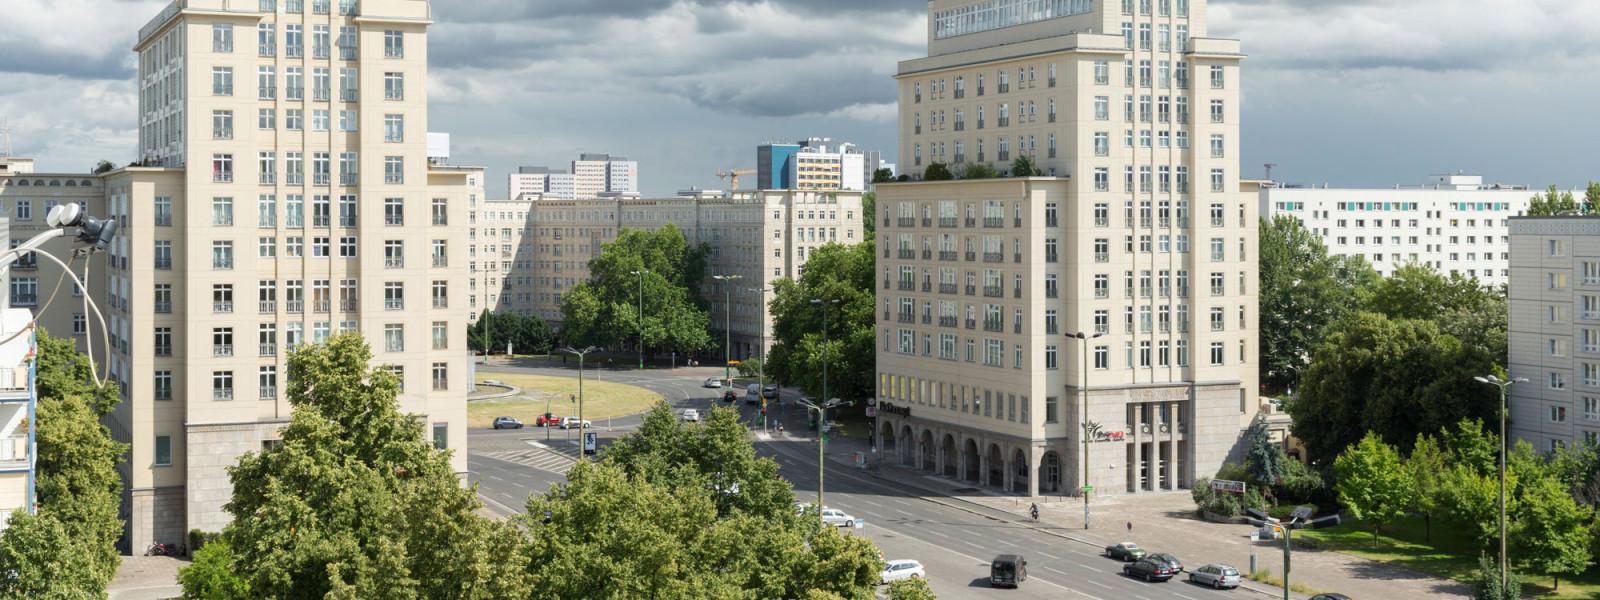 Central Berlin: 3-Zimmer Wohnung im Herzen von Berlin